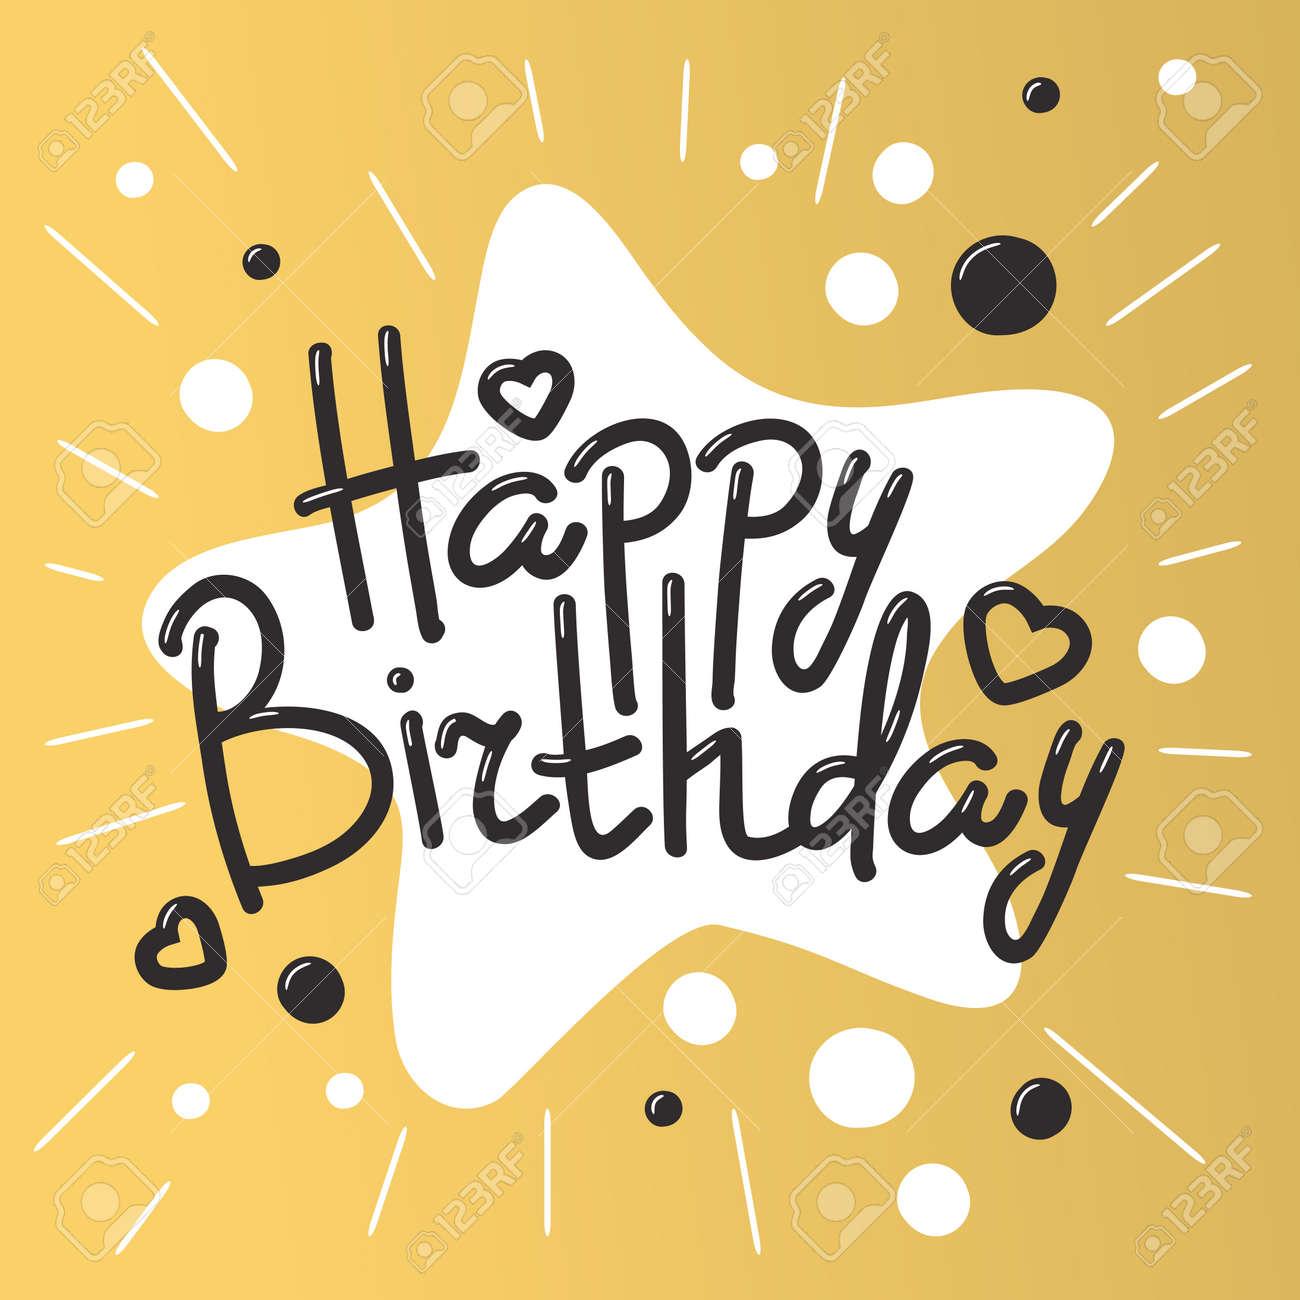 cartes d invitation belle anniversaire design fond d anniversaire de couleurs bandes de decoration de carte de voeux de vecteur lettrage texte de